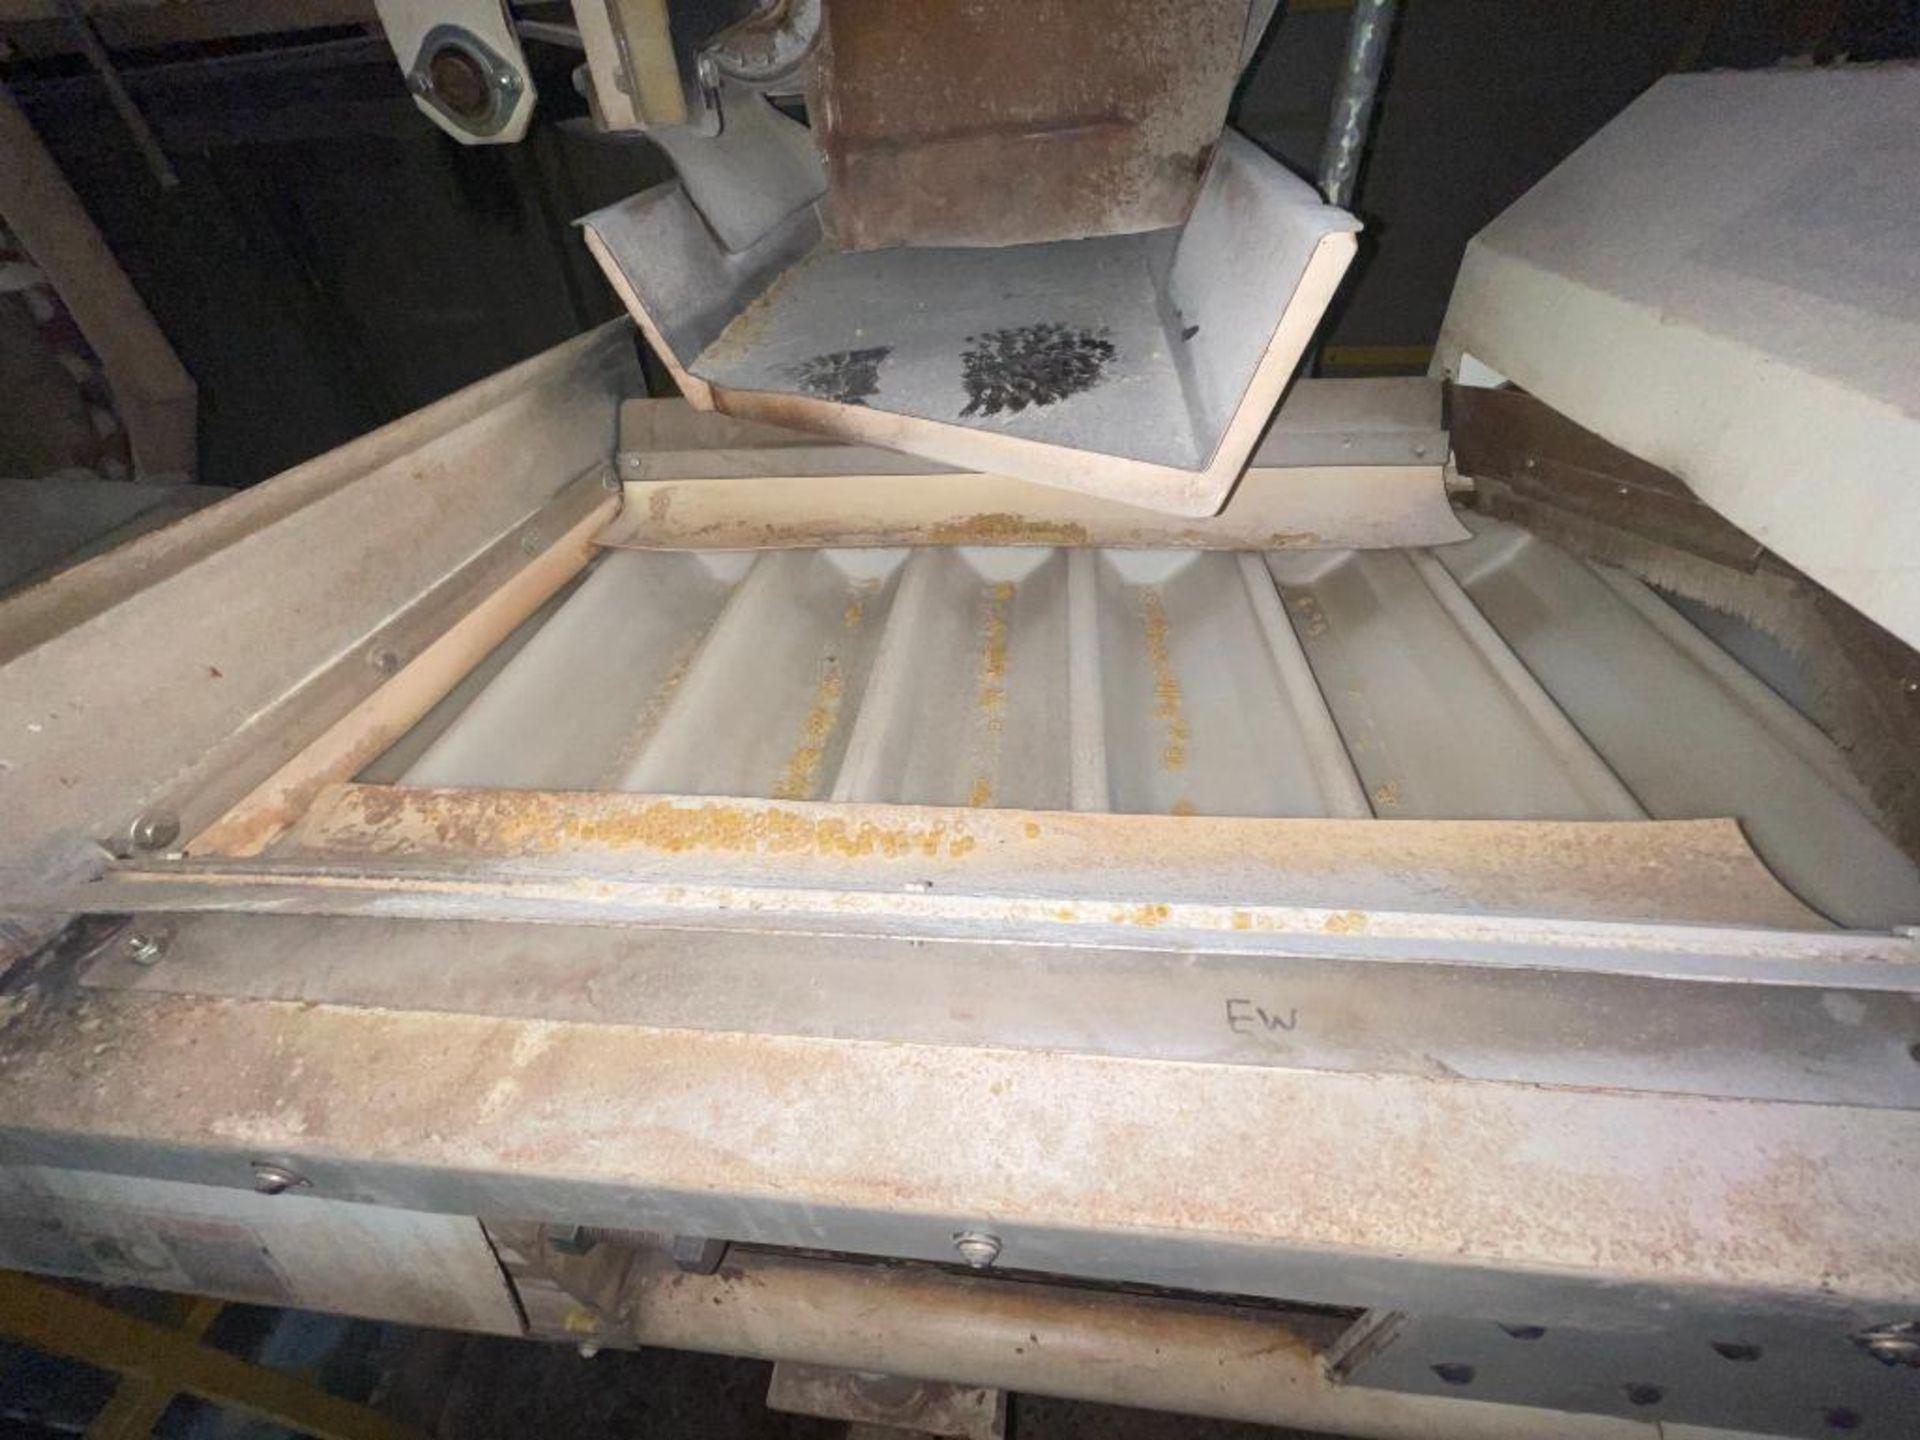 Aseeco horizontal overlapping bucket elevator - Image 3 of 10